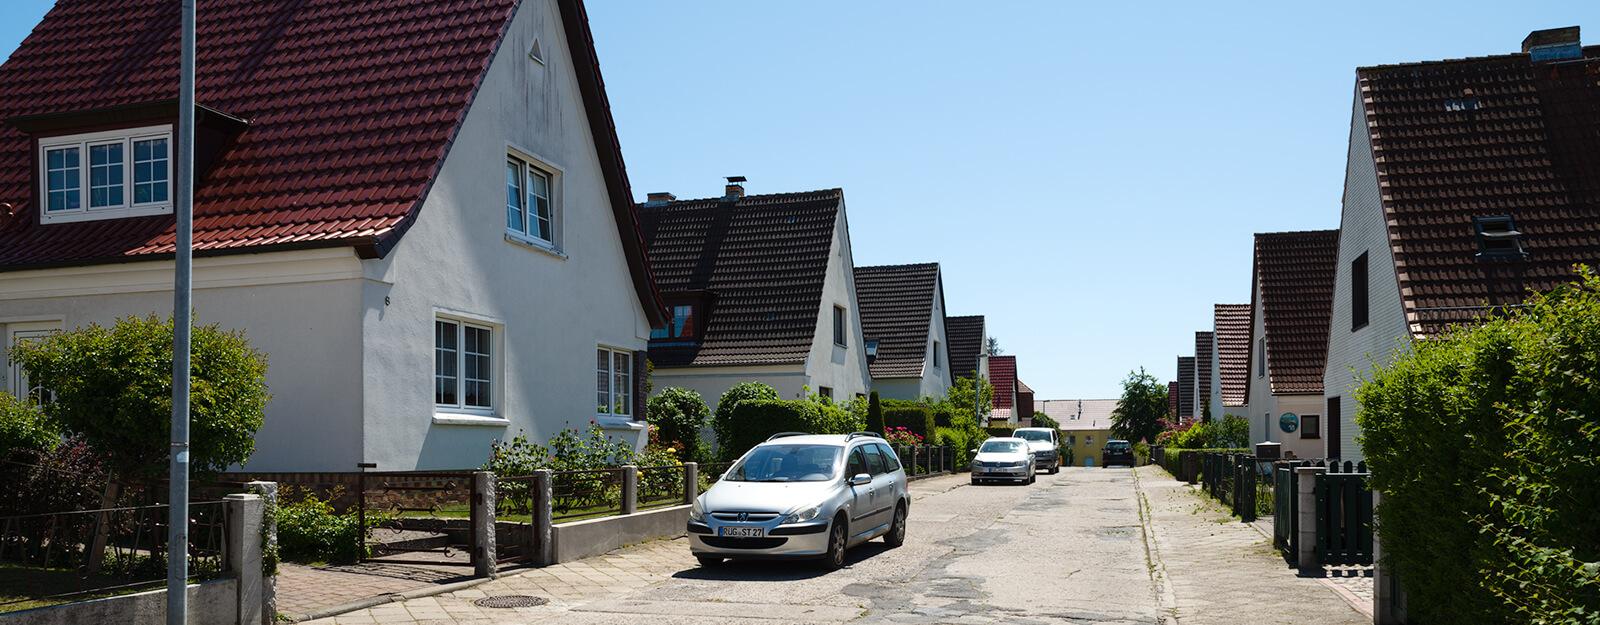 Referenz-BergenAufRügen_02-1600x625